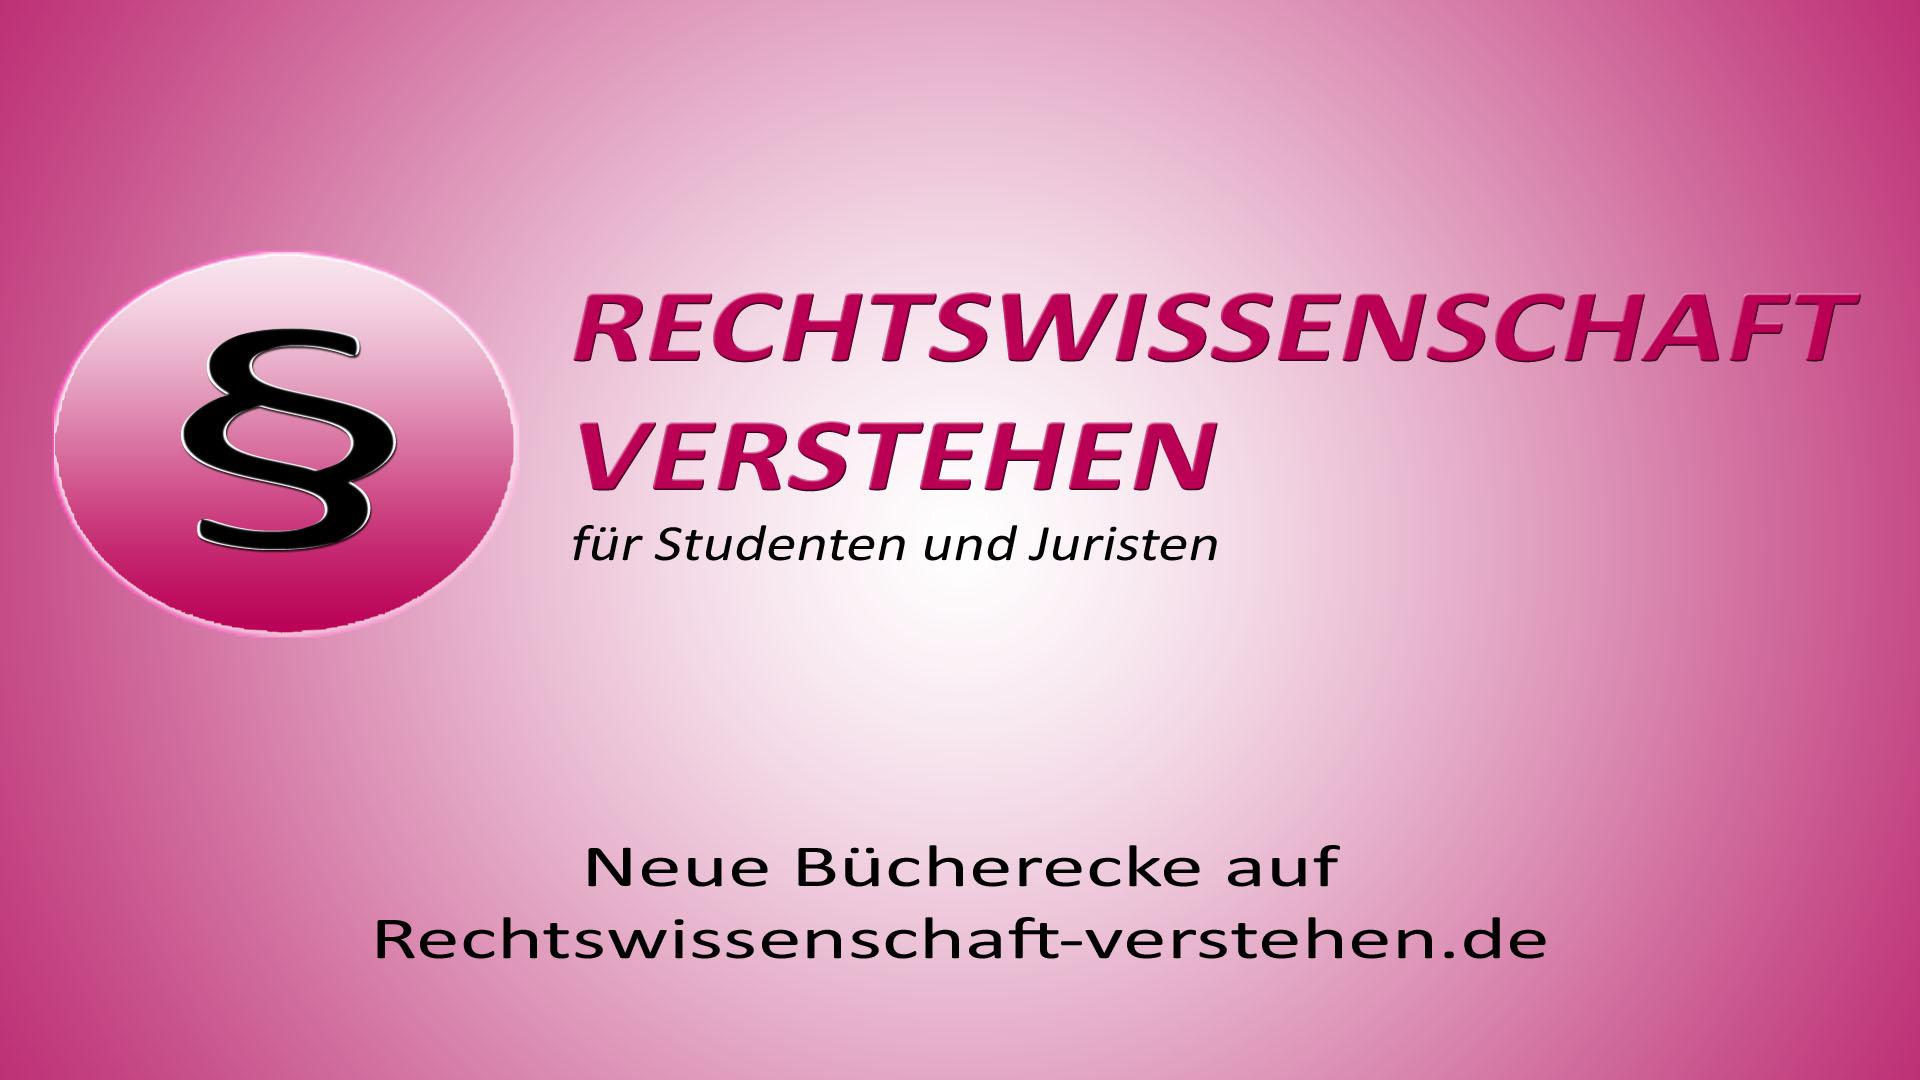 Neue Bücherecke auf Rechtswissenschaft-verstehen.de | Rechtswissenschaft Blog